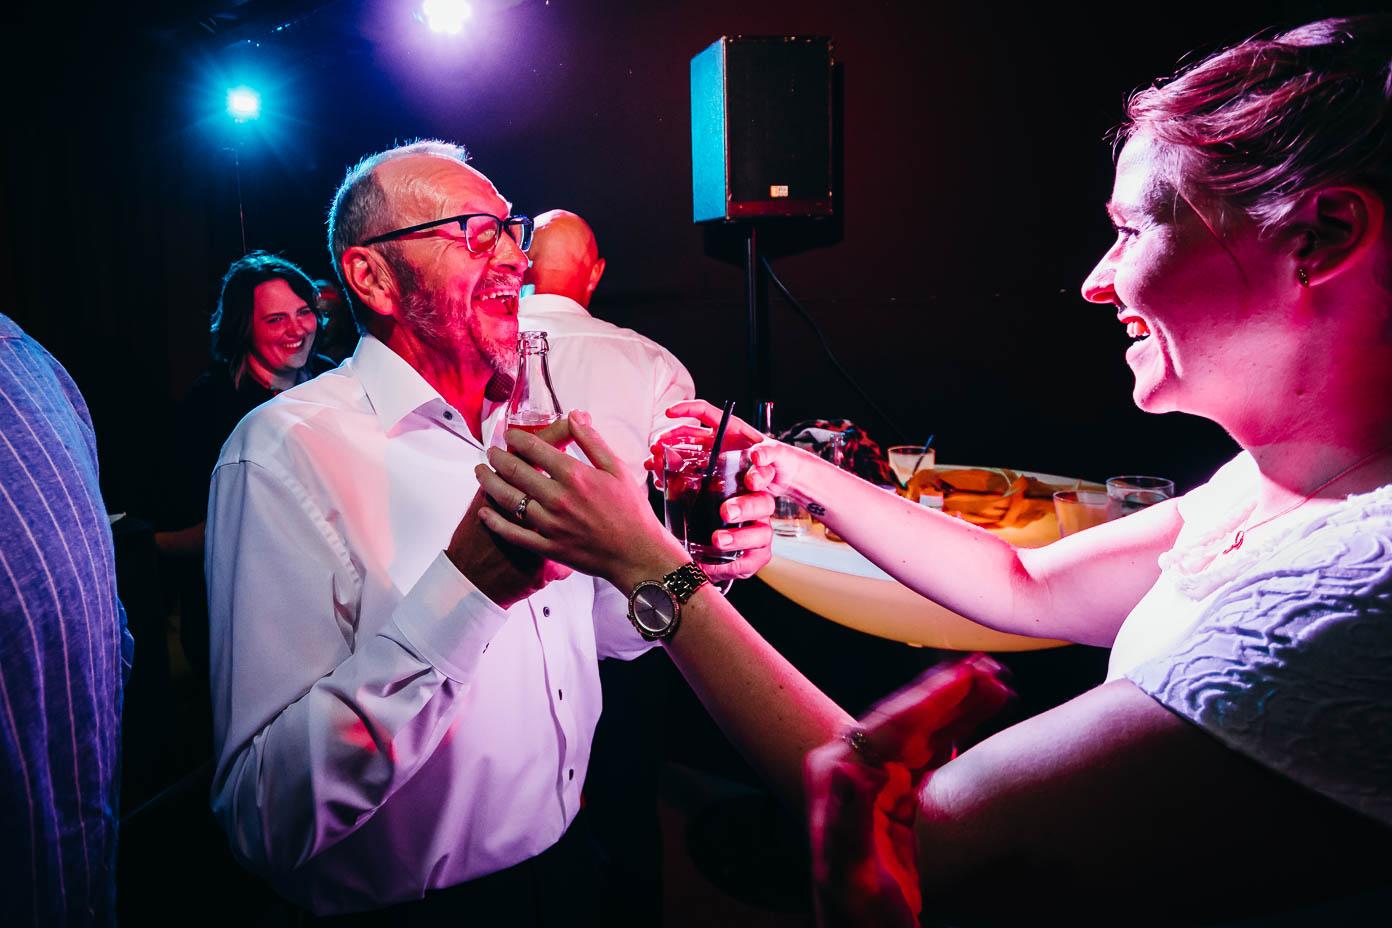 Vater der Braut macht Party